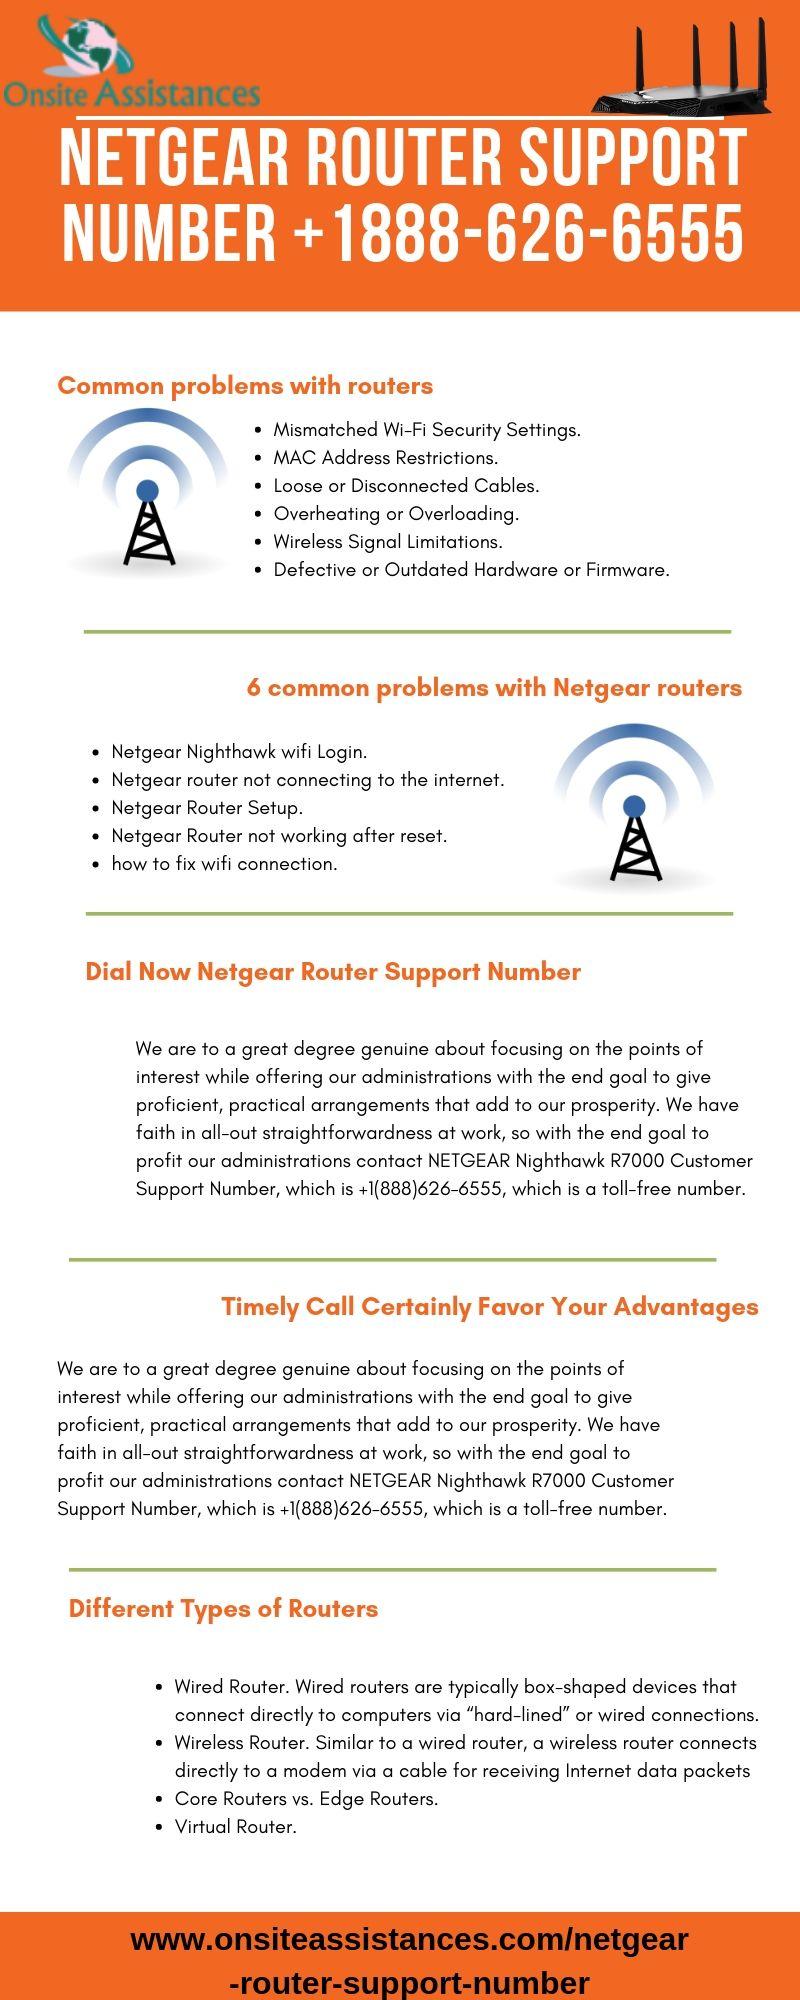 Netgear Router Support Number Netgear router, Netgear